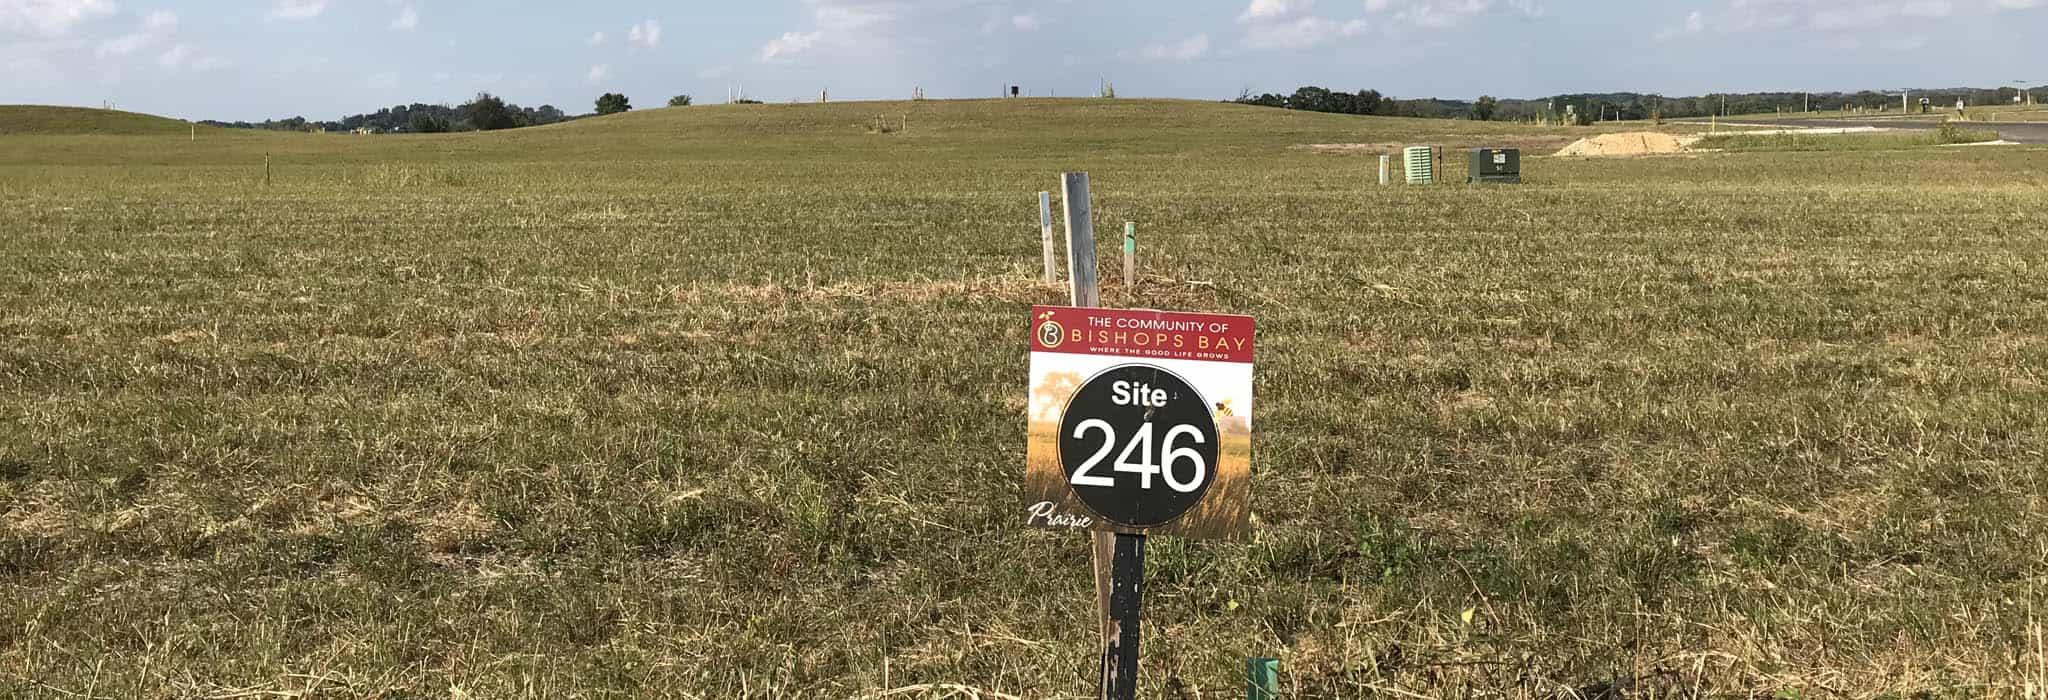 Prairie Lot 246